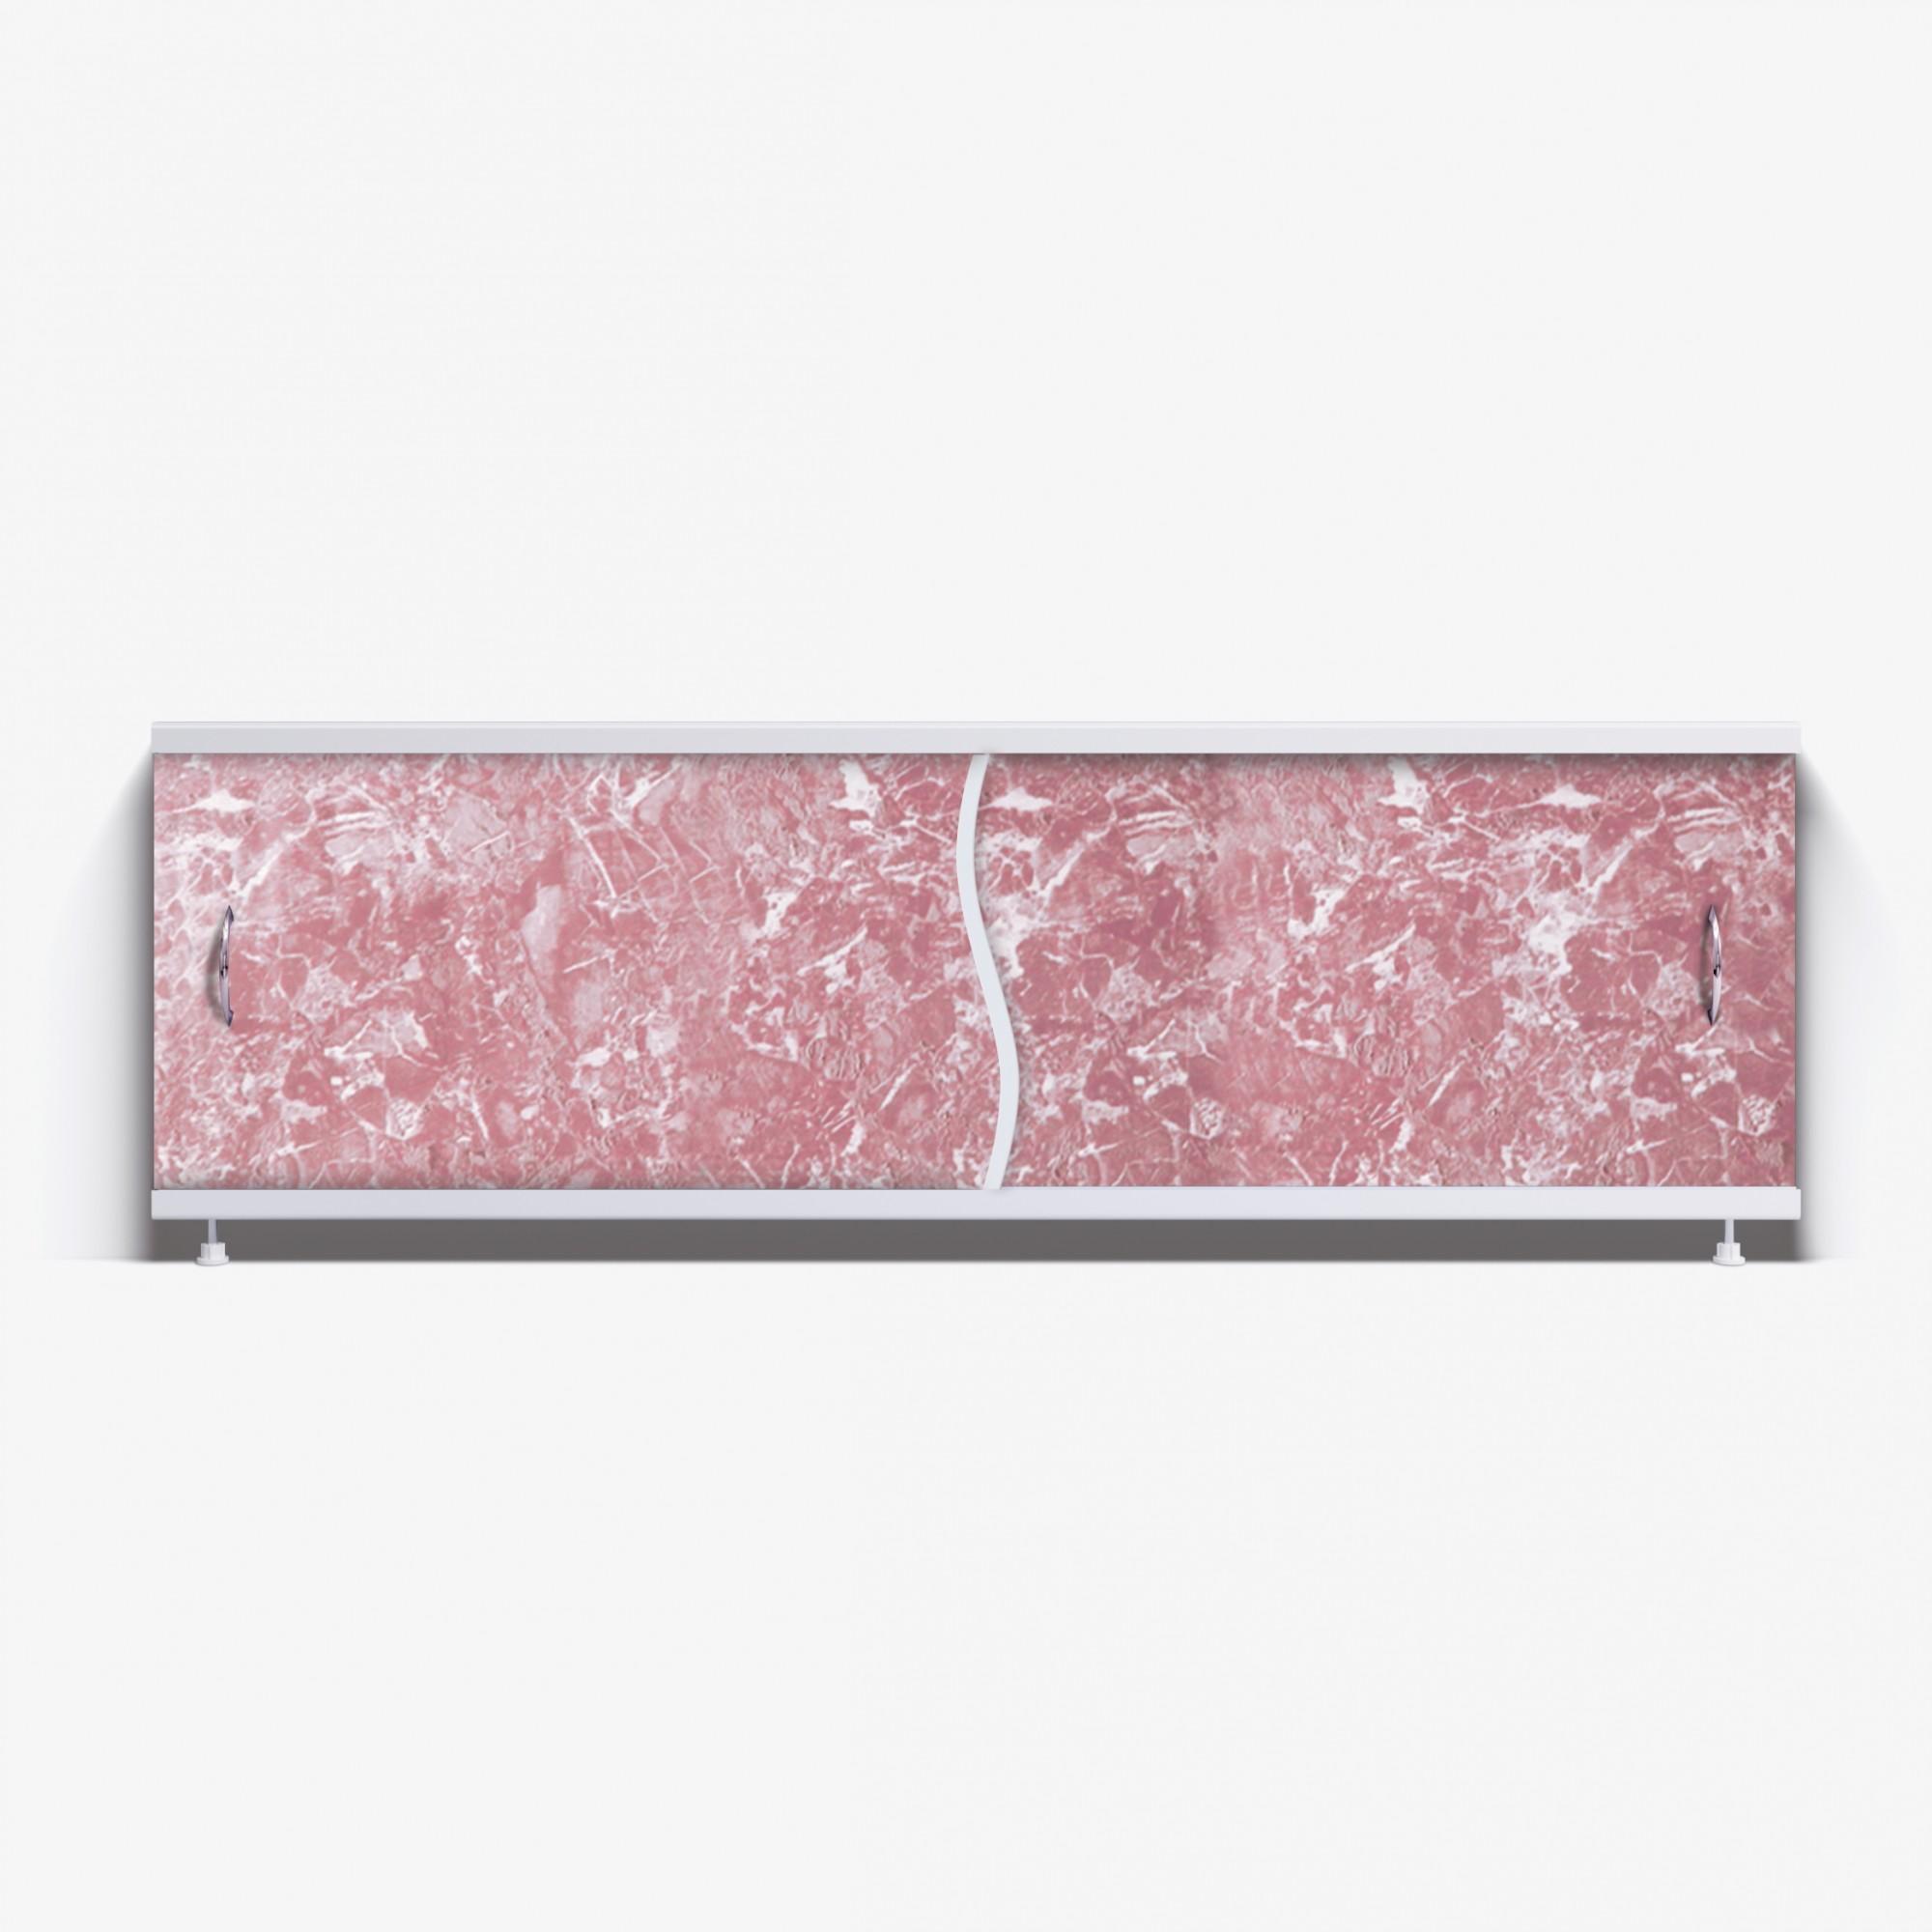 Экран под ванну Премьер 150 темно-коричневый мрамор